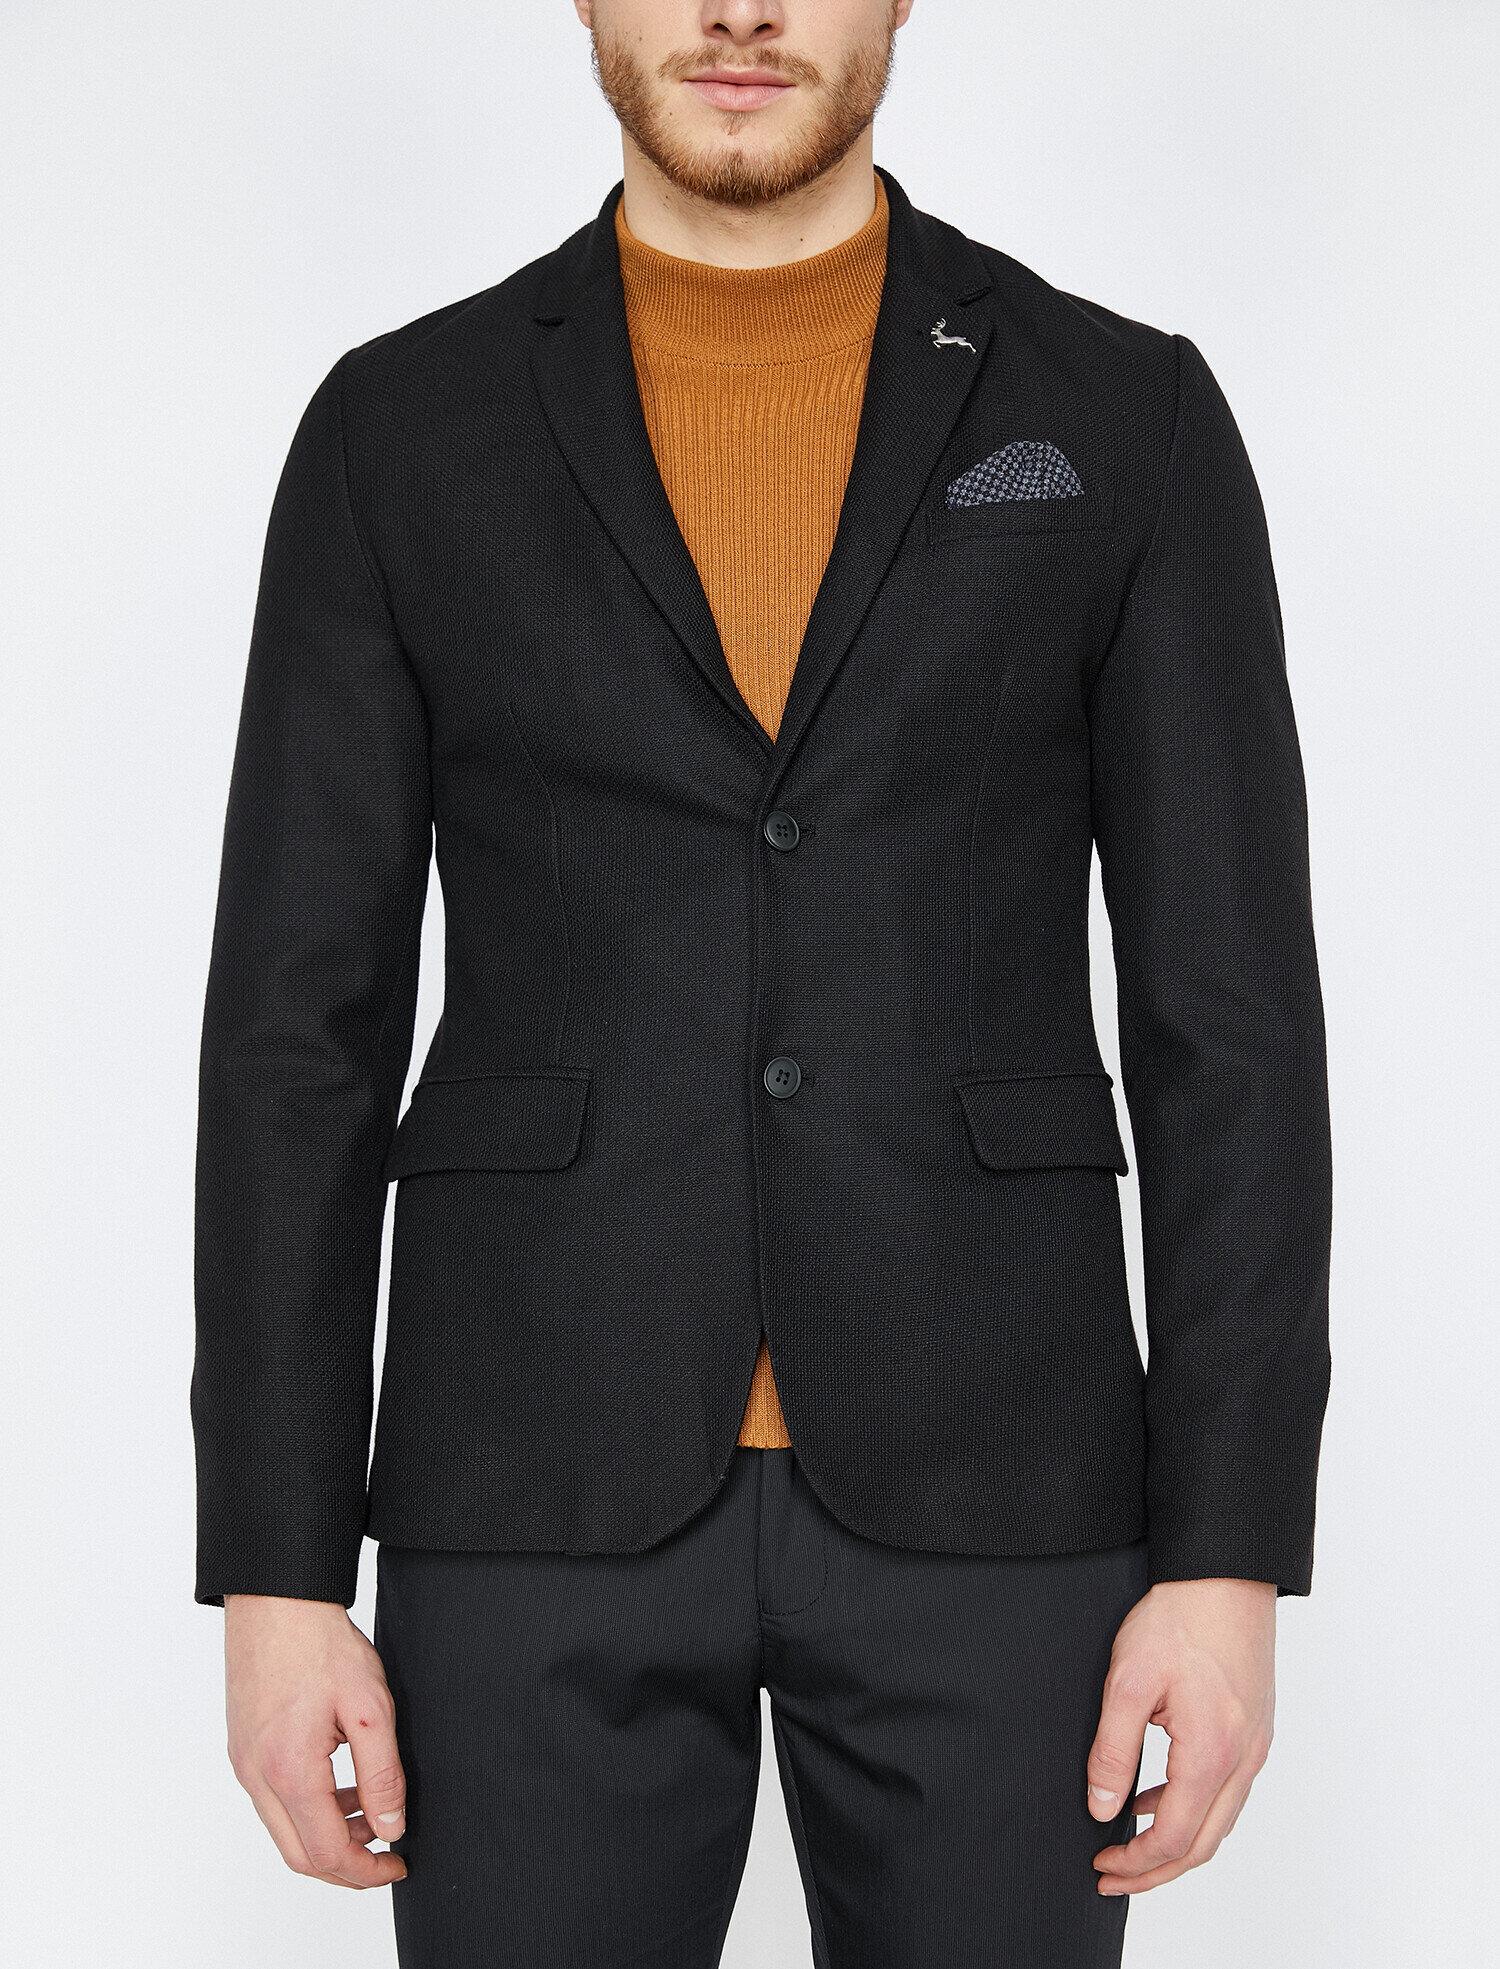 75128f117f5b0 Modalite - Koton Düğme Detaylı Ceket Siyah